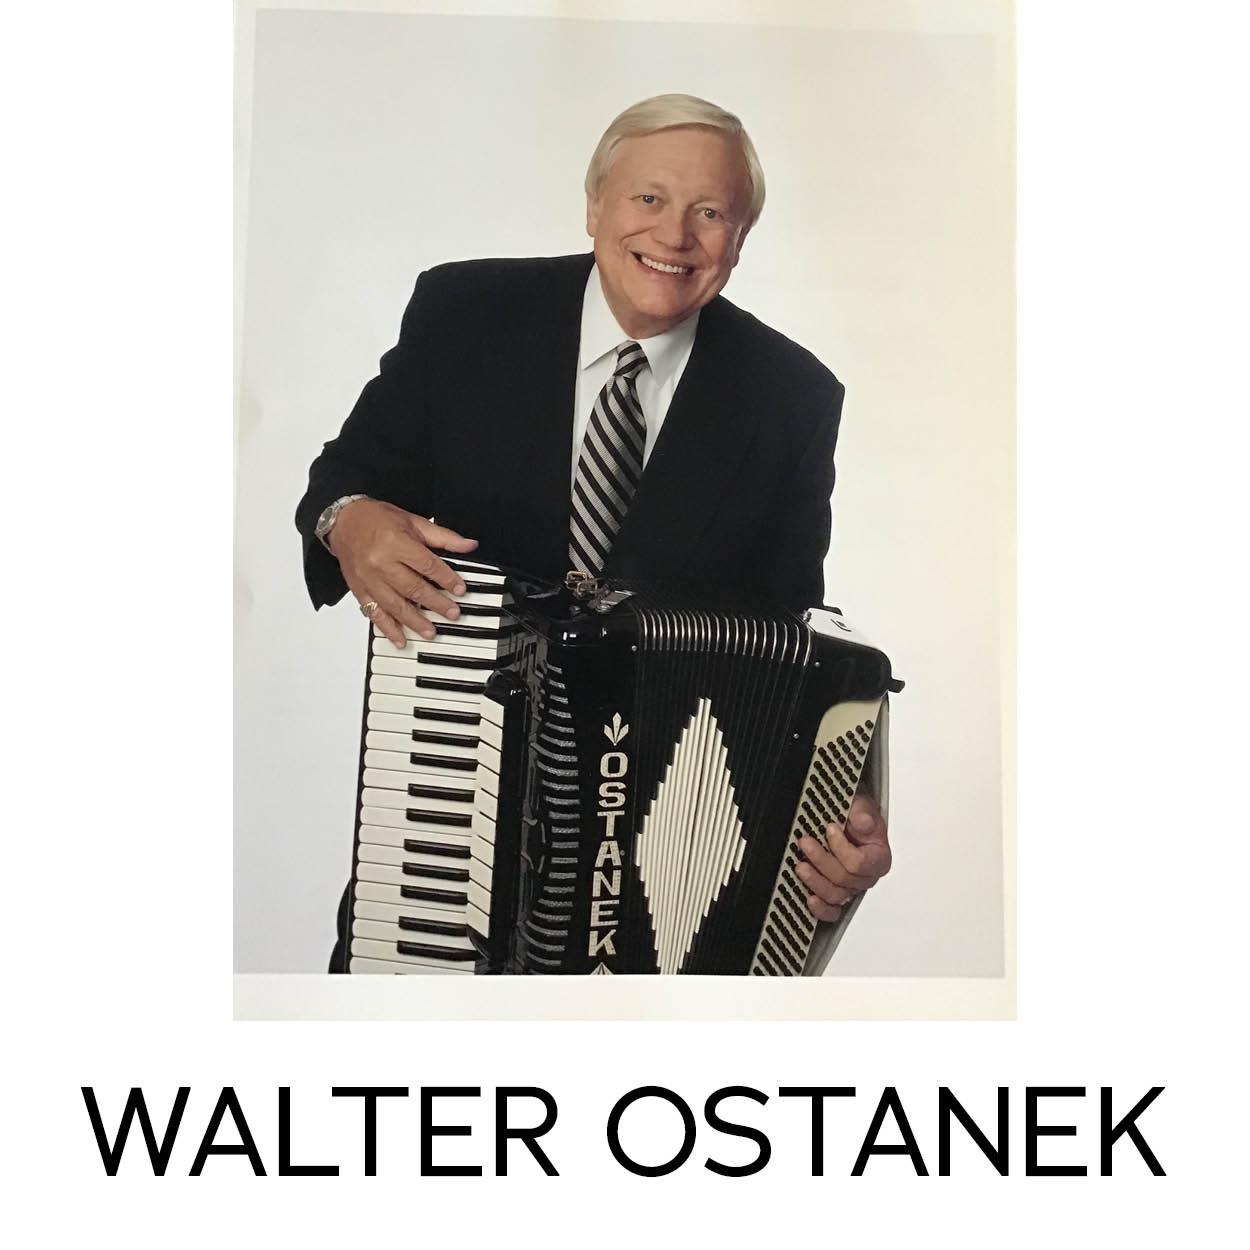 Walter Ostenak